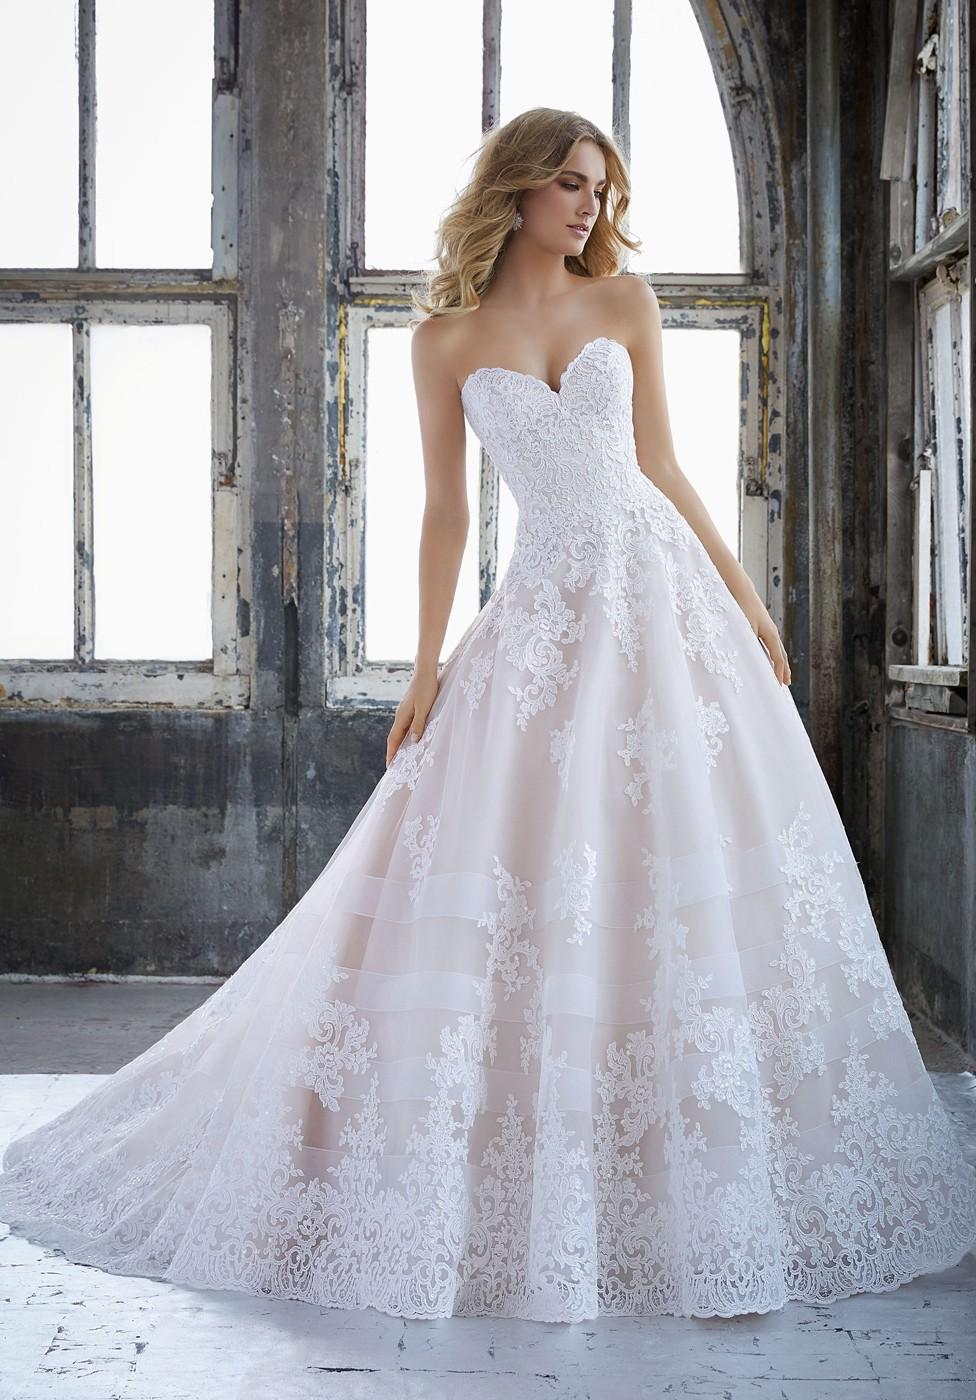 jenny packham wedding dresses photo - 1